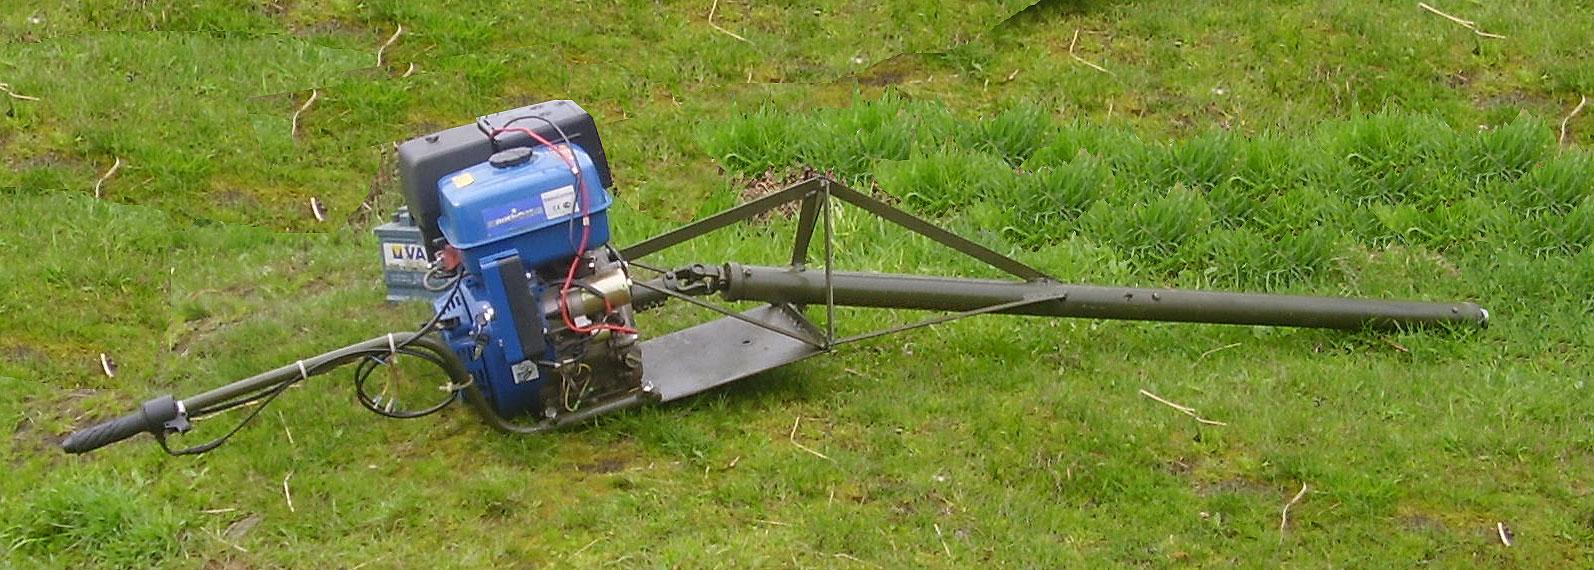 Самодельный лодочный мотор из бензопилы Сделай Сам www 51